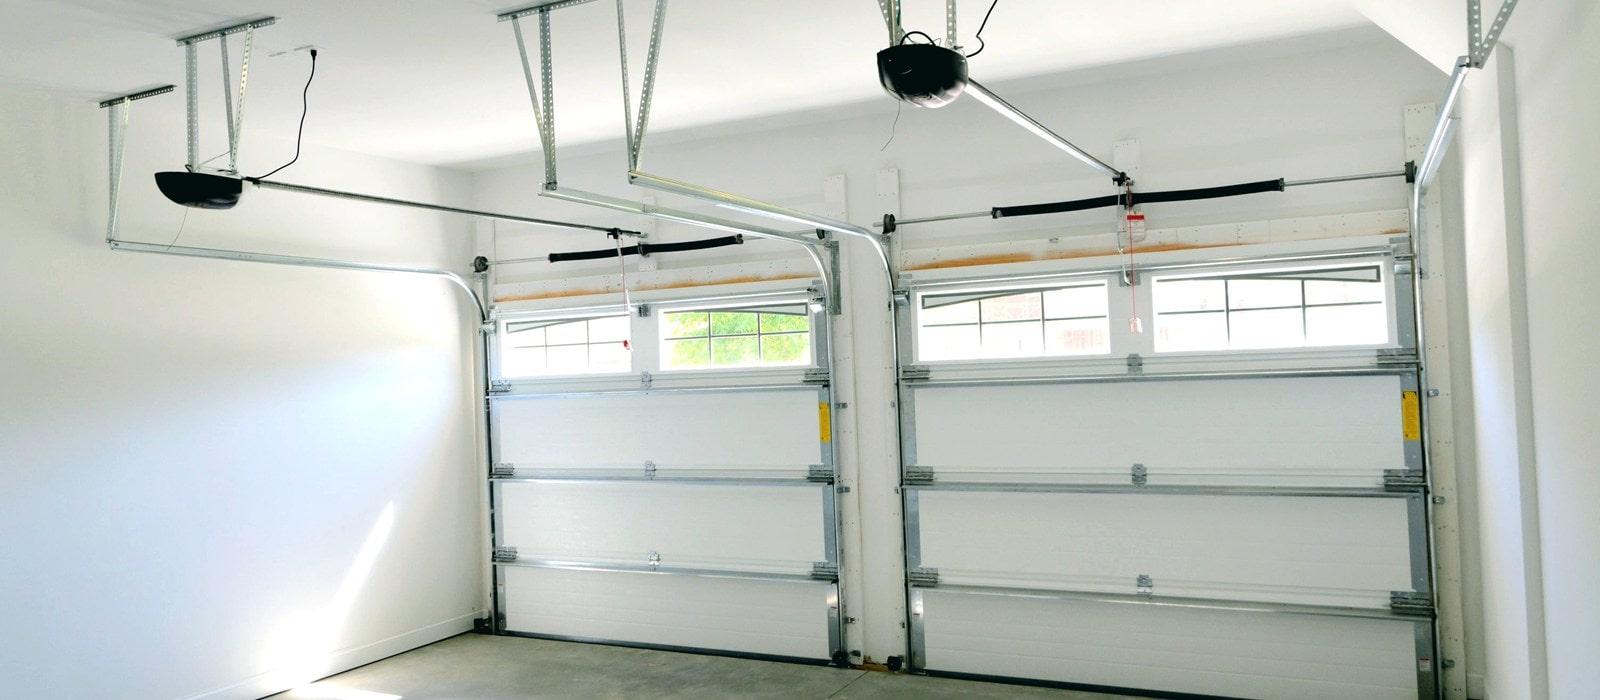 Garage Door Repair Toronto Gta Star Garage Doors 416 639 1999